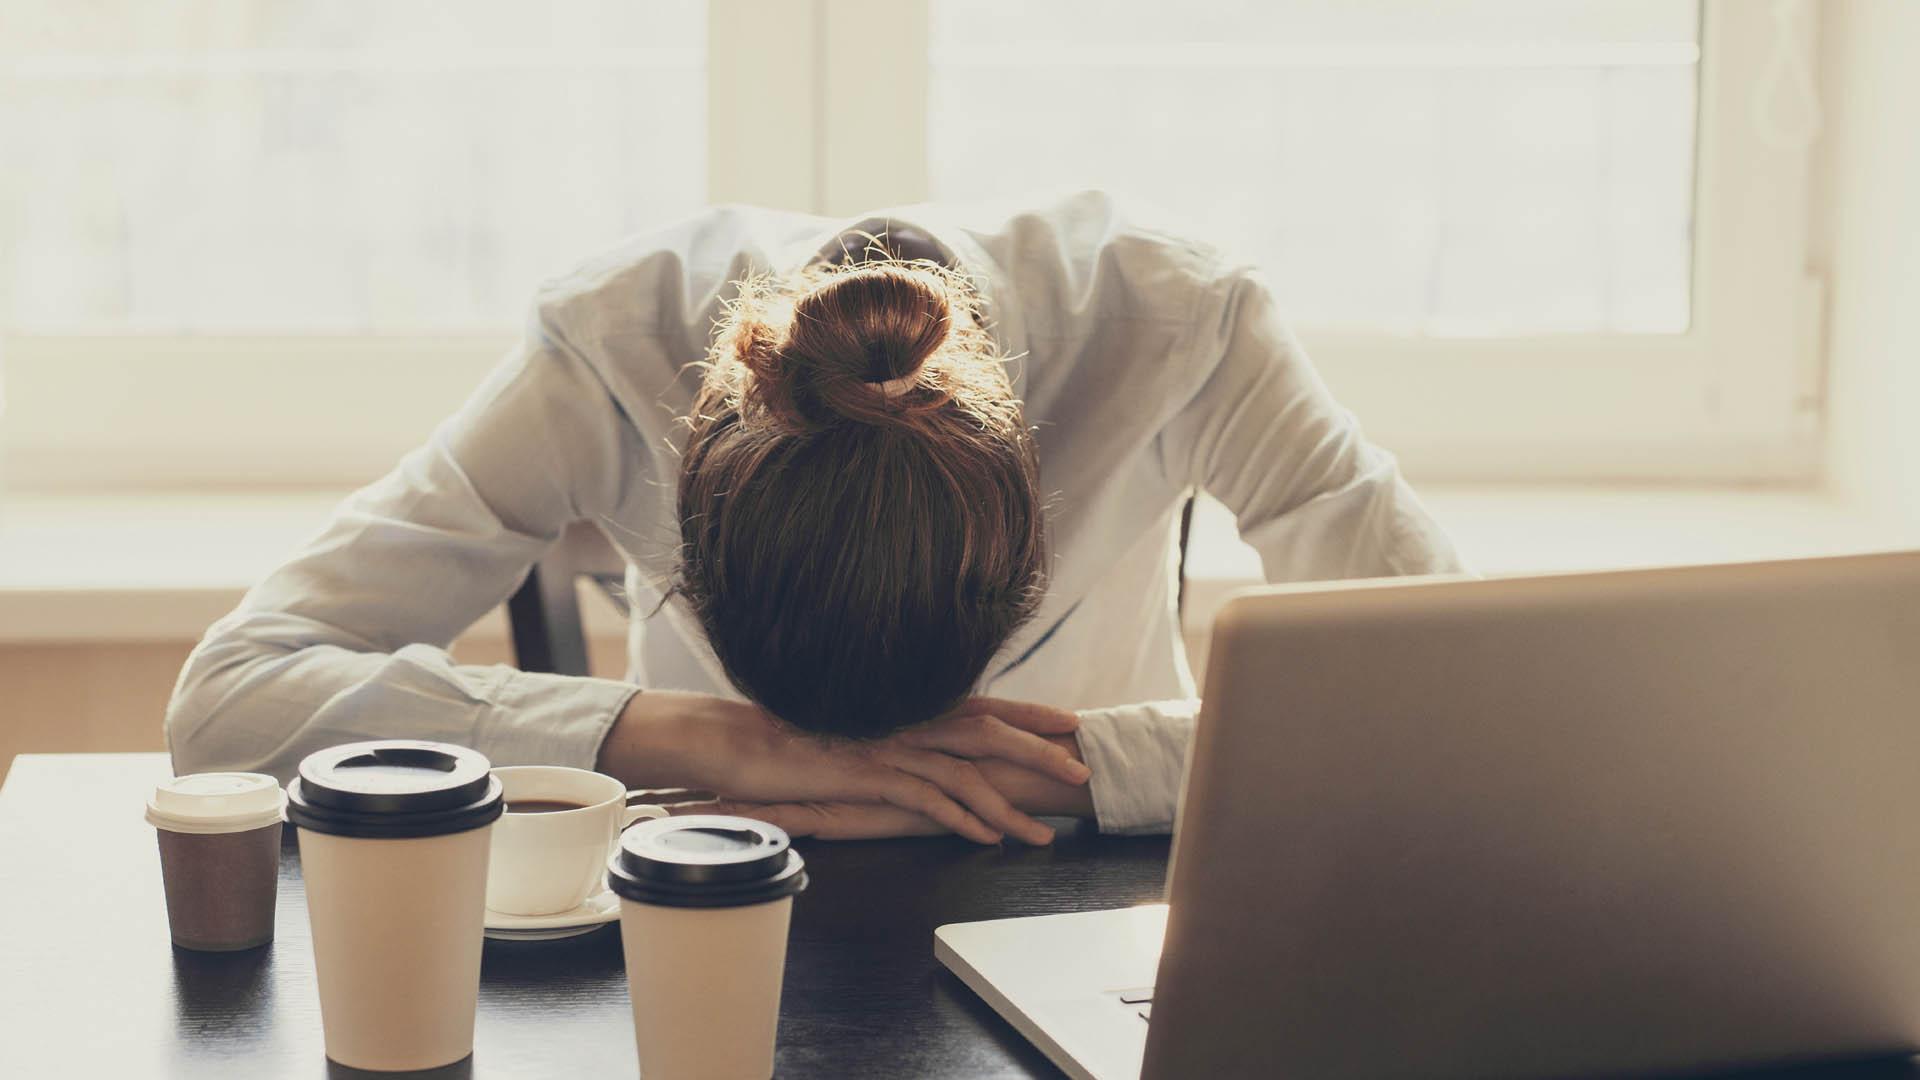 El Síndrome del Burnout es como se denomina al constante estrés y agotamiento emocional por ir a trabajar